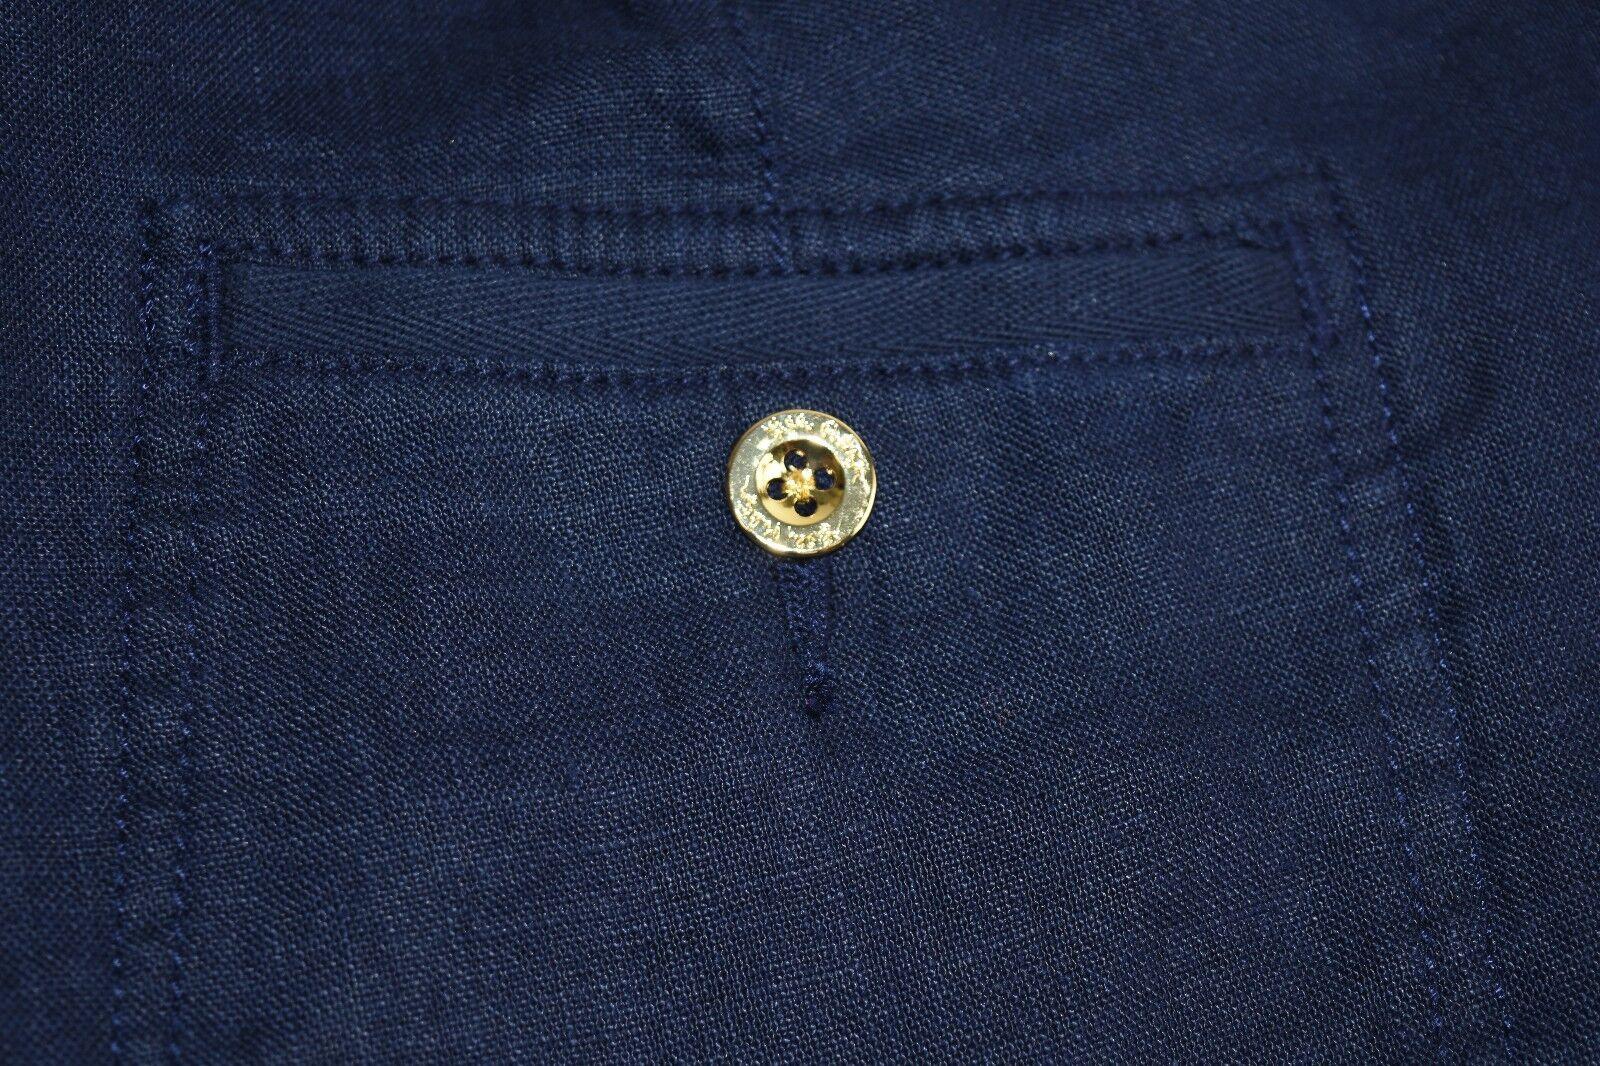 Lilly Pulitzer Galley Hose Wahre Marineblau Hose Hose Hose Leinen 0 2 4 10 12 14 | Online Kaufen  | Lebendige Form  | Hohe Qualität Und Geringen Overhead  228161